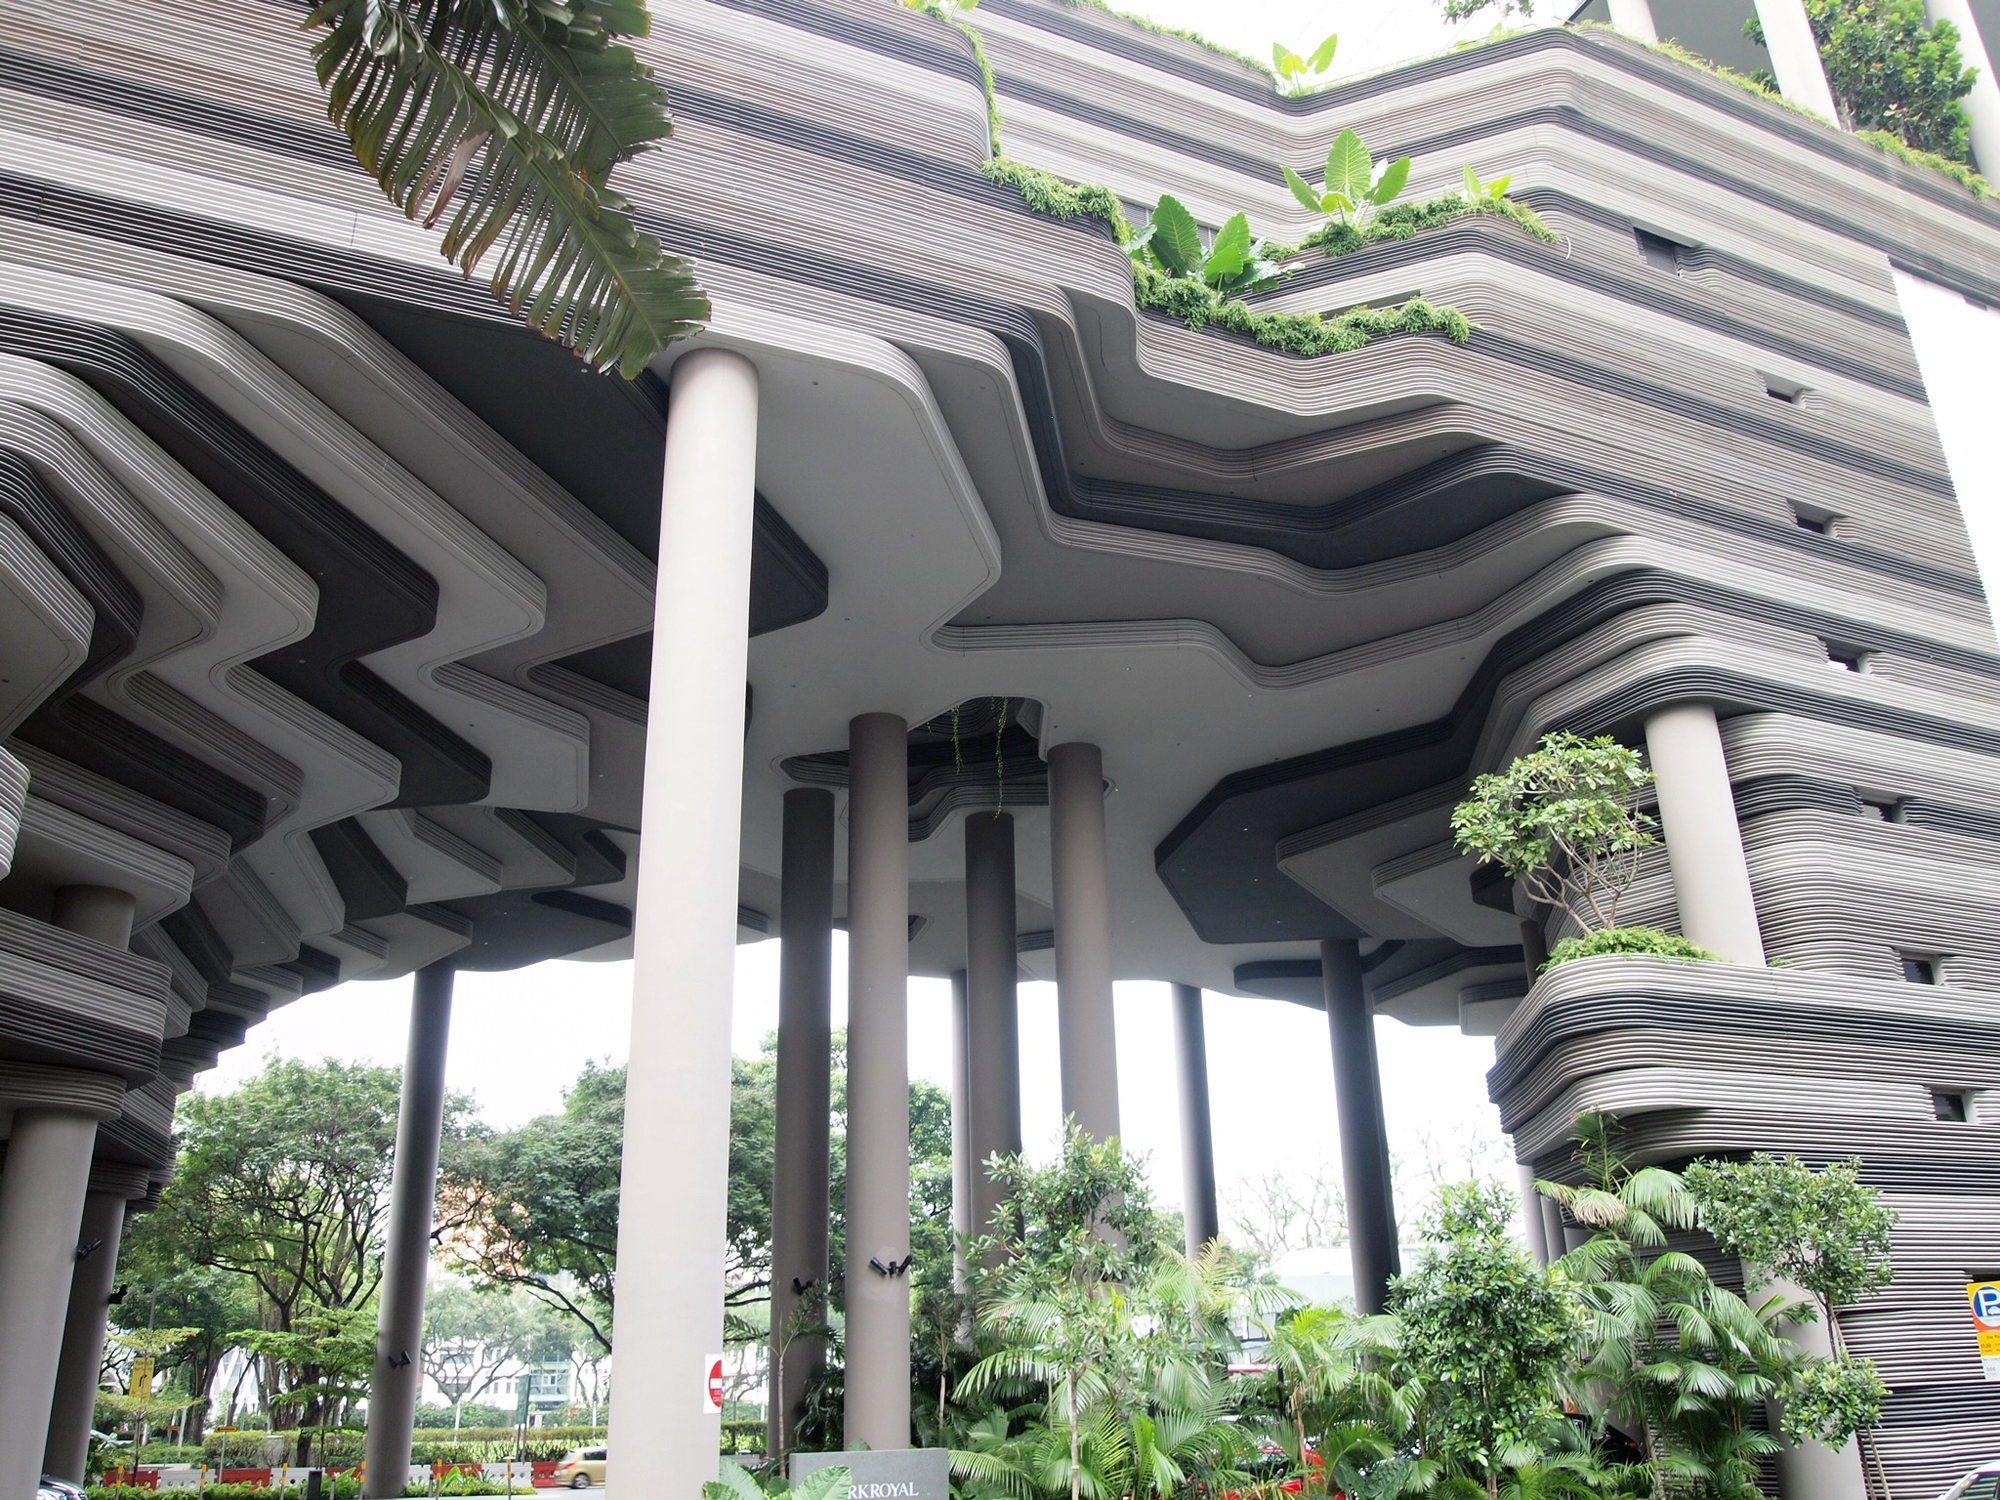 מלון ''פארק רויאל'' בסינגפור, של משרד האדריכלים WOHA. השתלטות הצמחייה על המבנה נראית כמו חזון דיסטופי (צילום: flickr, William, cc)